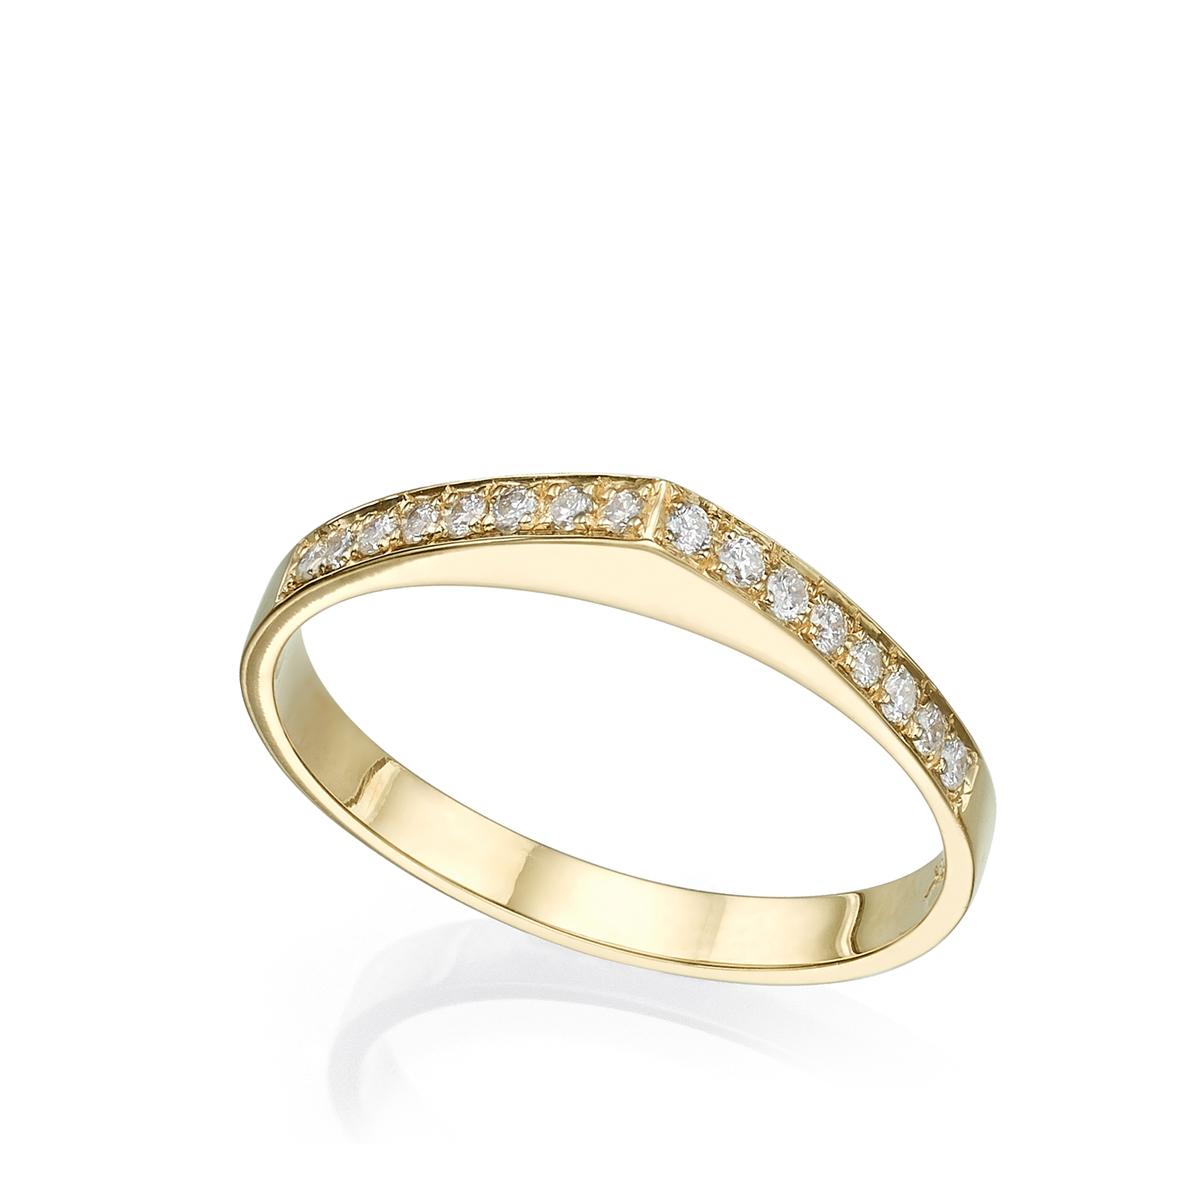 טבעת זהב טיפה משובצת שורת יהלומים